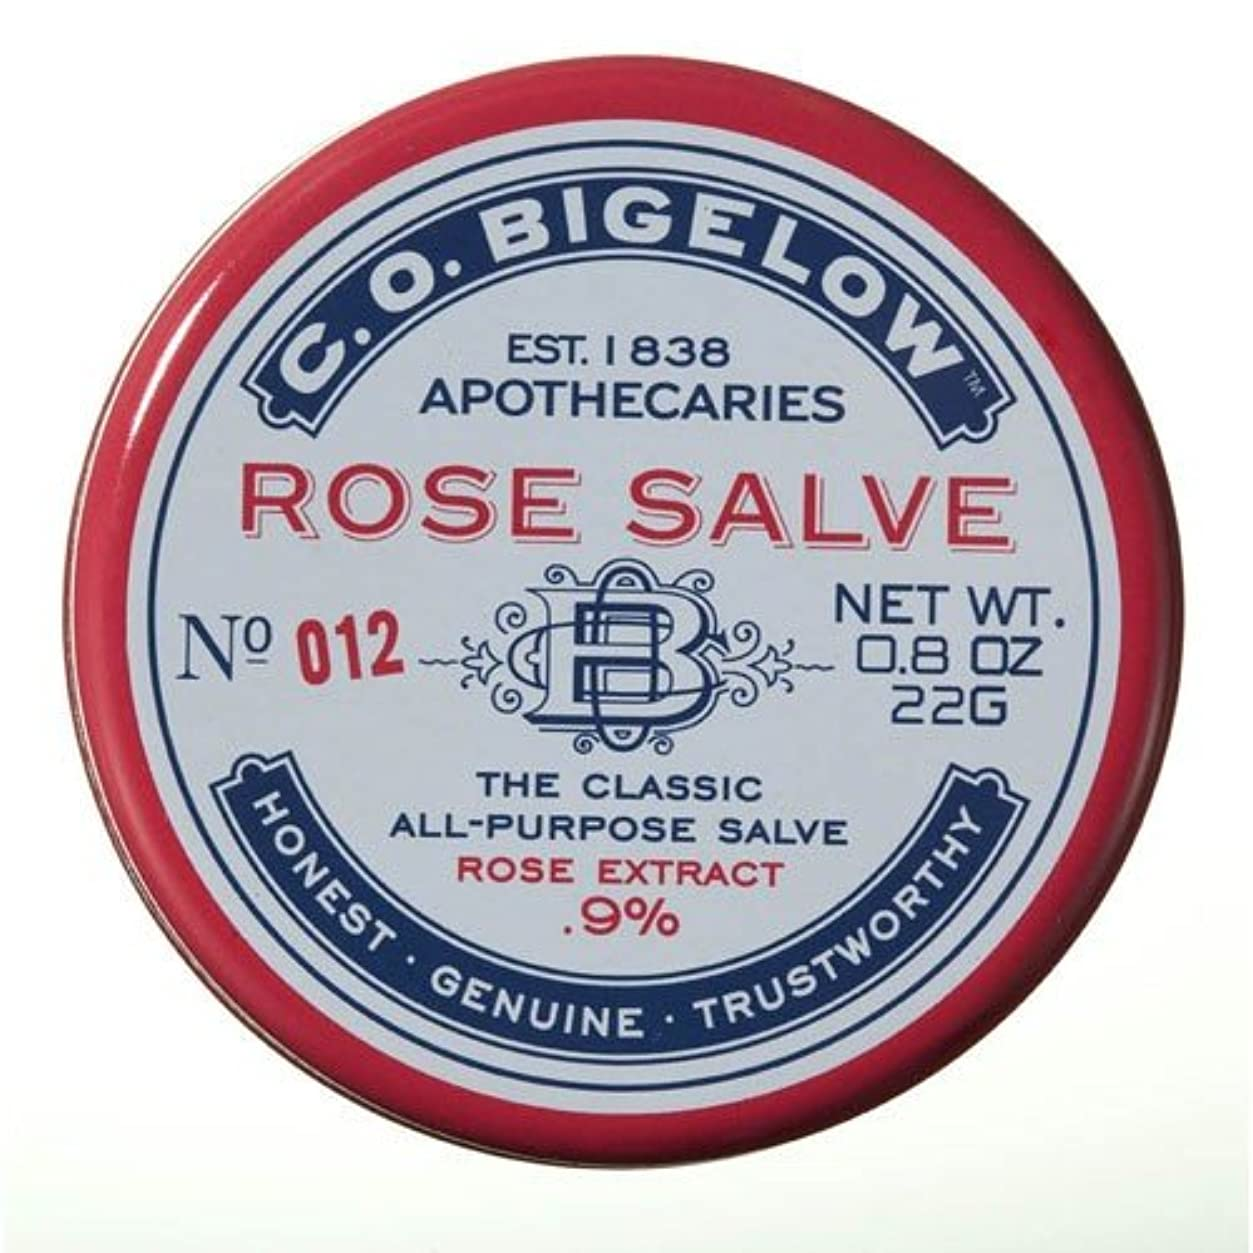 レッスン懐疑的考古学的な[C.O. Begelow] ローズサルベ 全身用万能軟膏